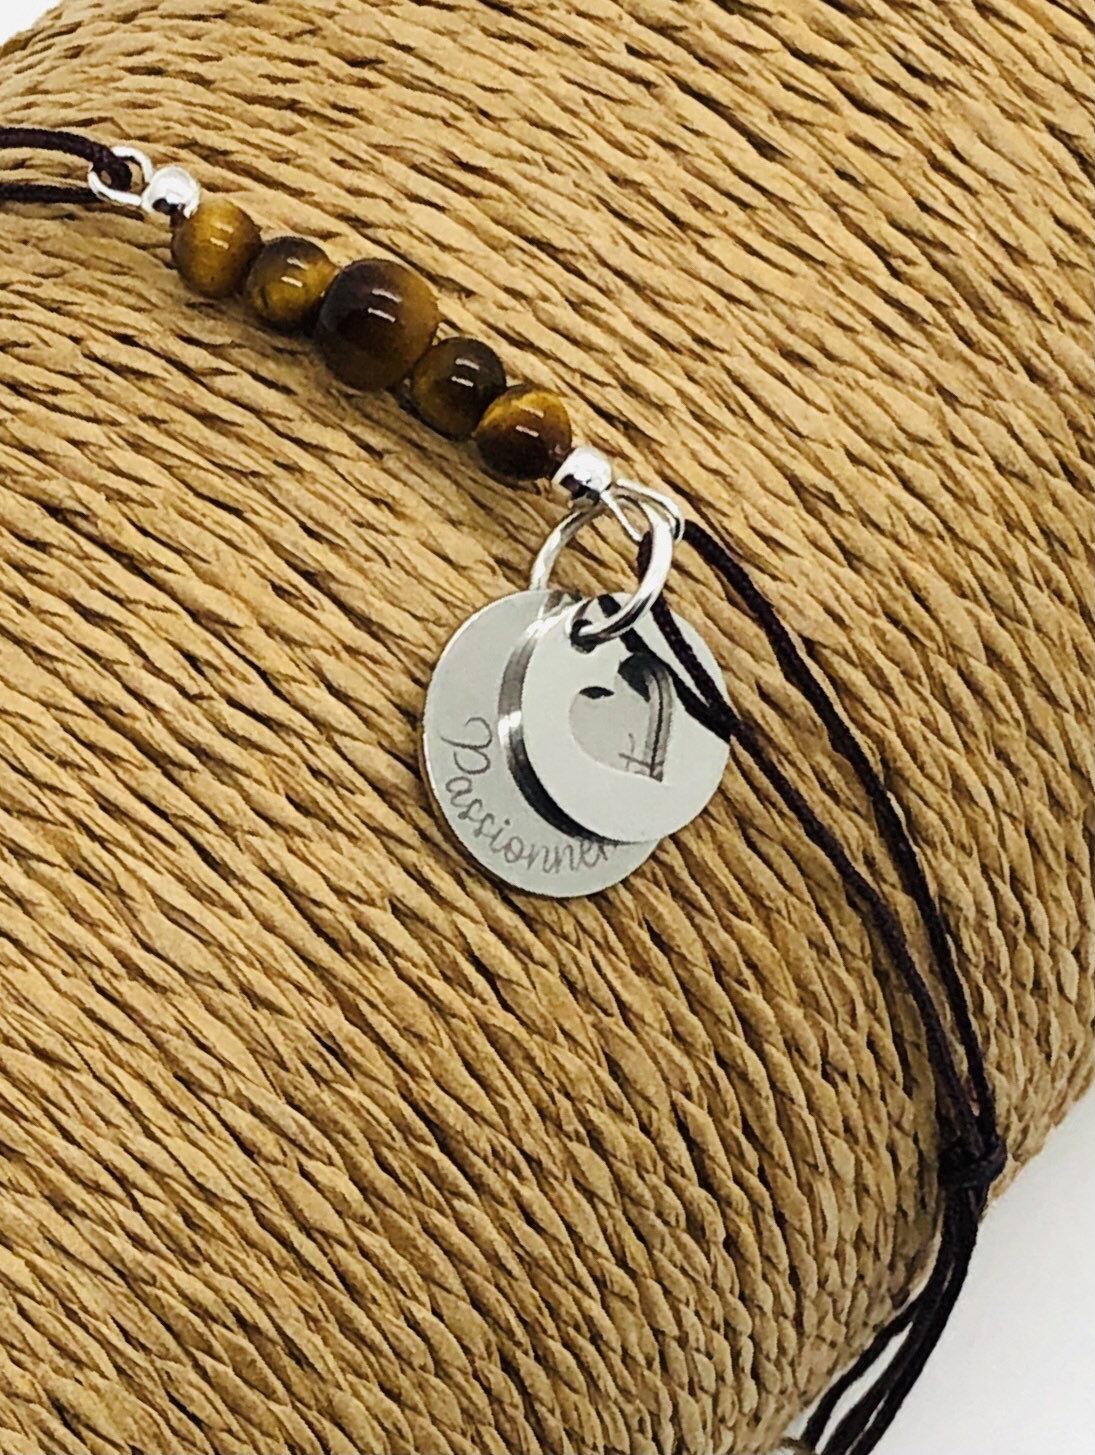 Bracelet personnalisable, pierres semis précieuses œil de tigre.